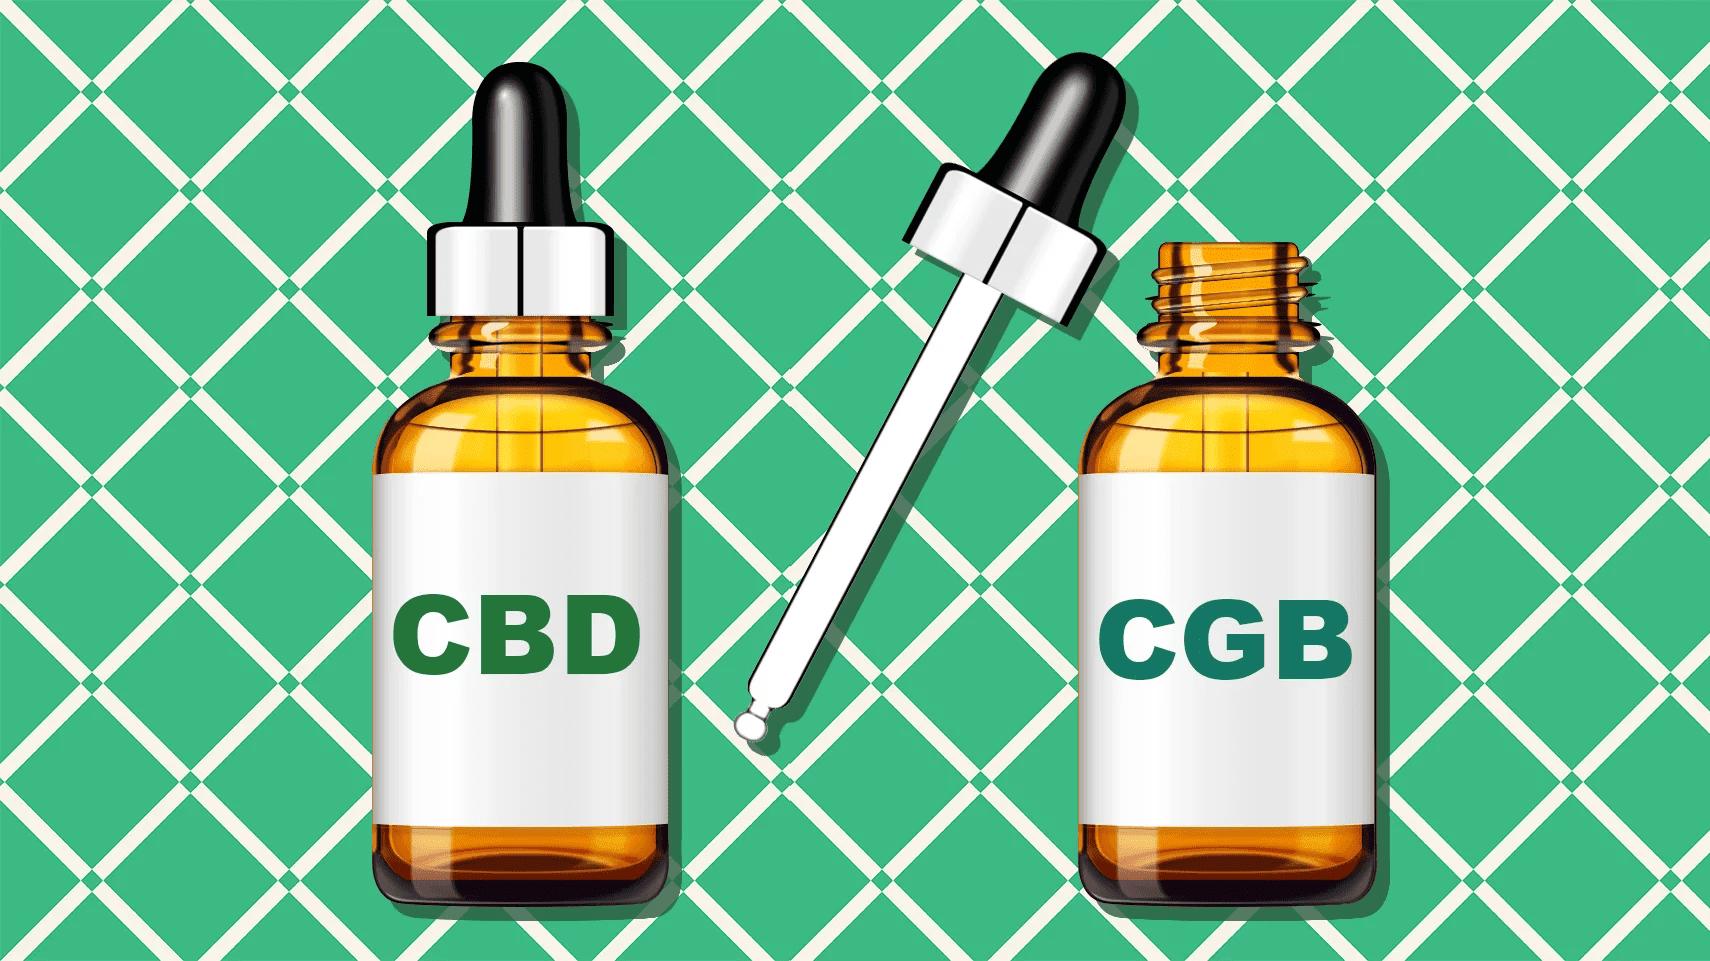 CBG là gì? Sự khác nhau giữa CBG và CBD là gì?